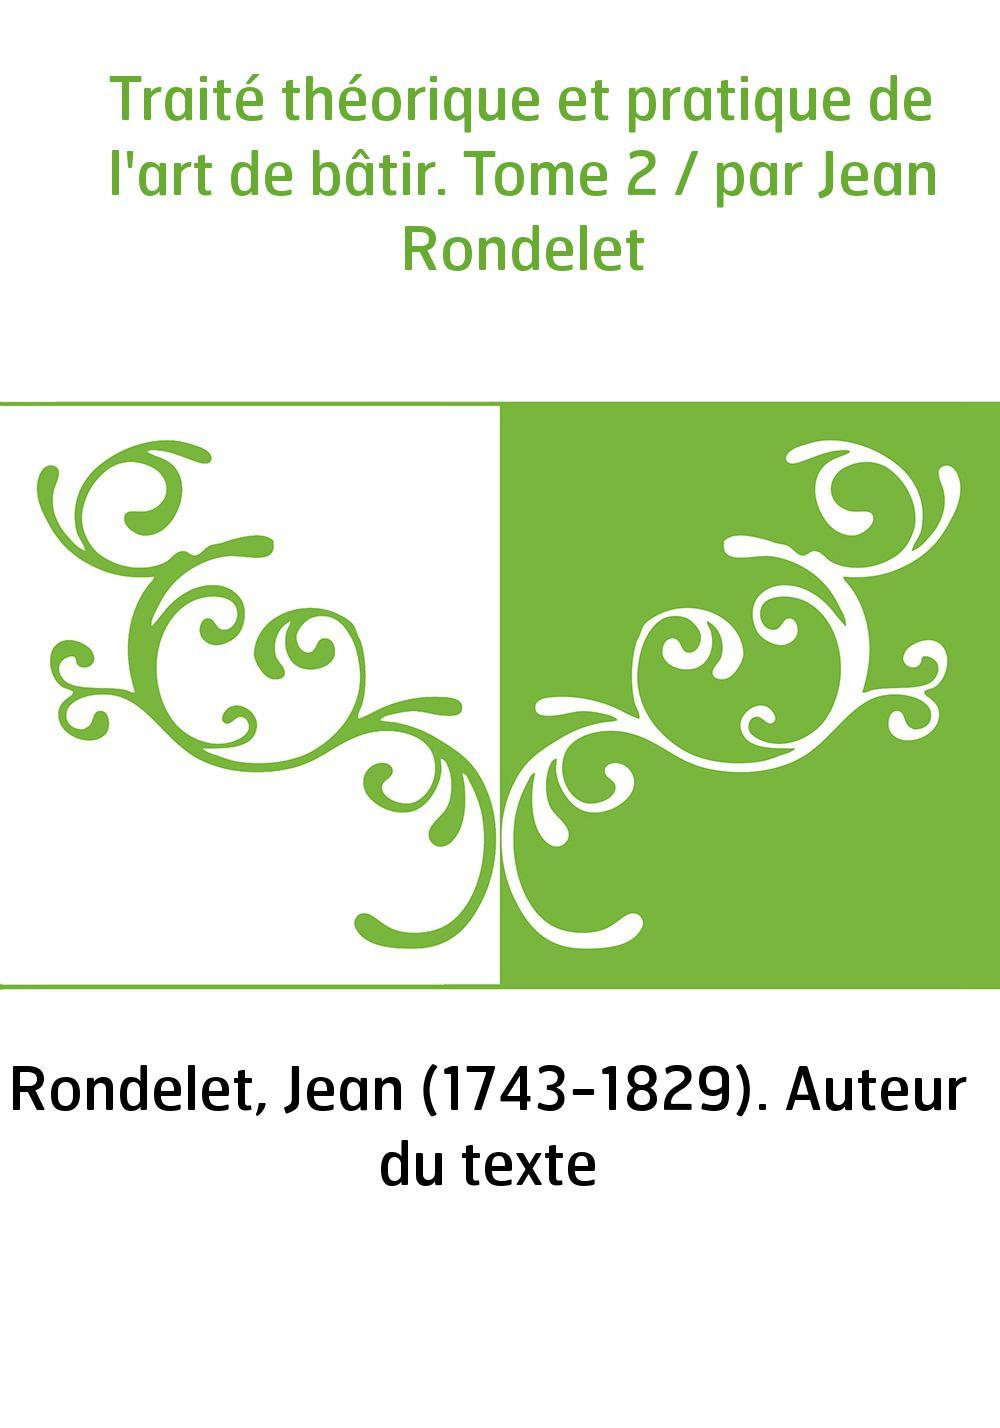 Traité théorique et pratique de l'art de bâtir. Tome 2 / par Jean Rondelet